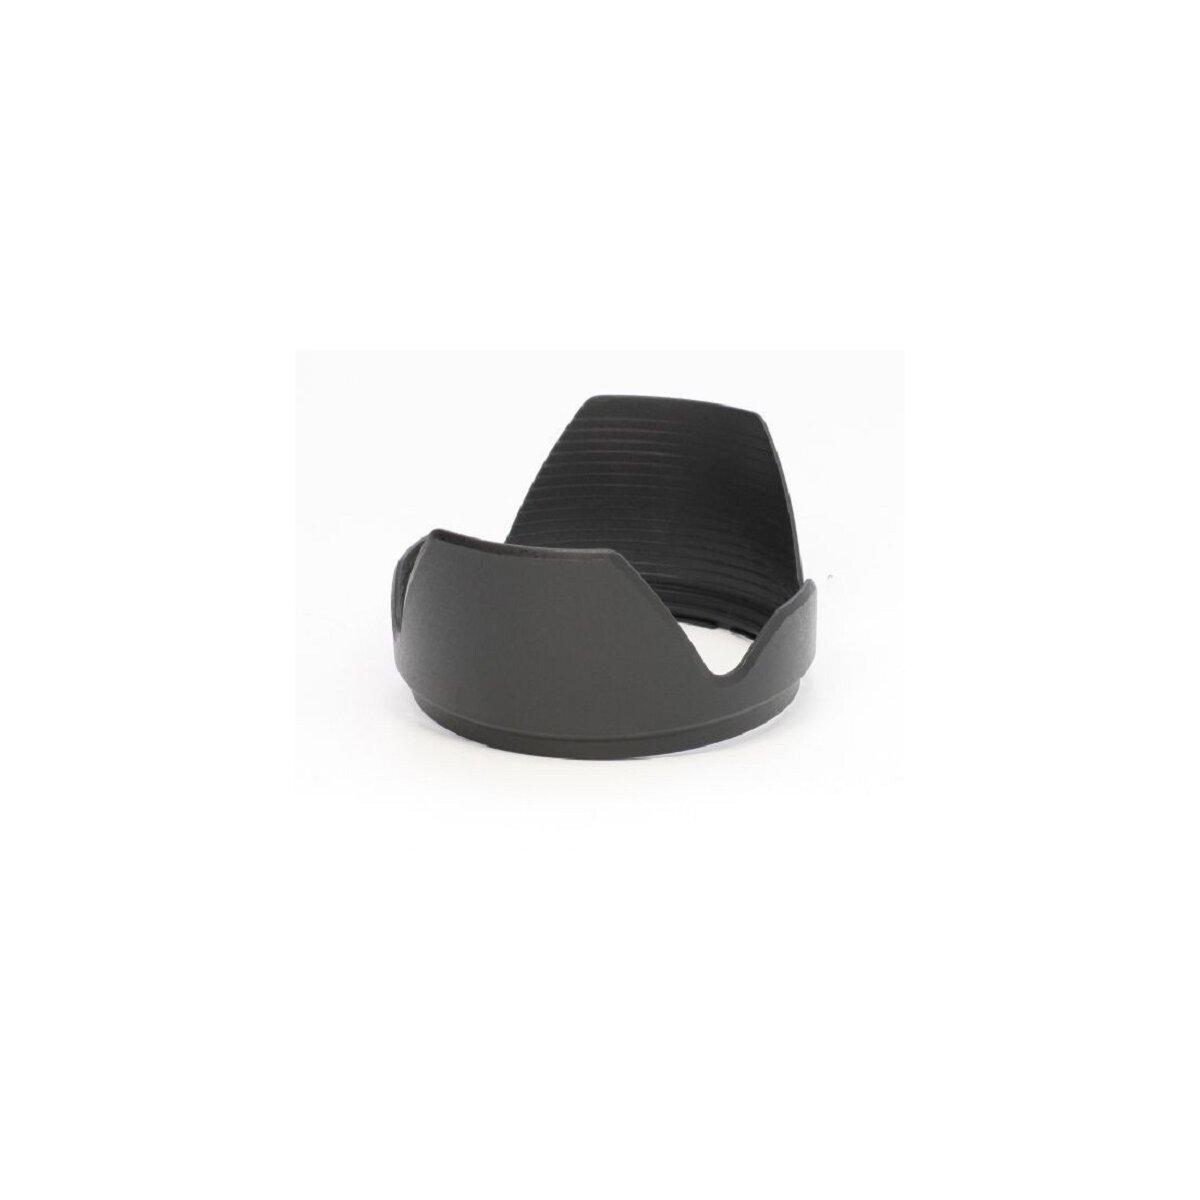 Sonnenblende Gegenlichtblende kompatibel mit Tamron 18-270mm Macro Lens / Tamron 17-50mm – Ersatz für AB003